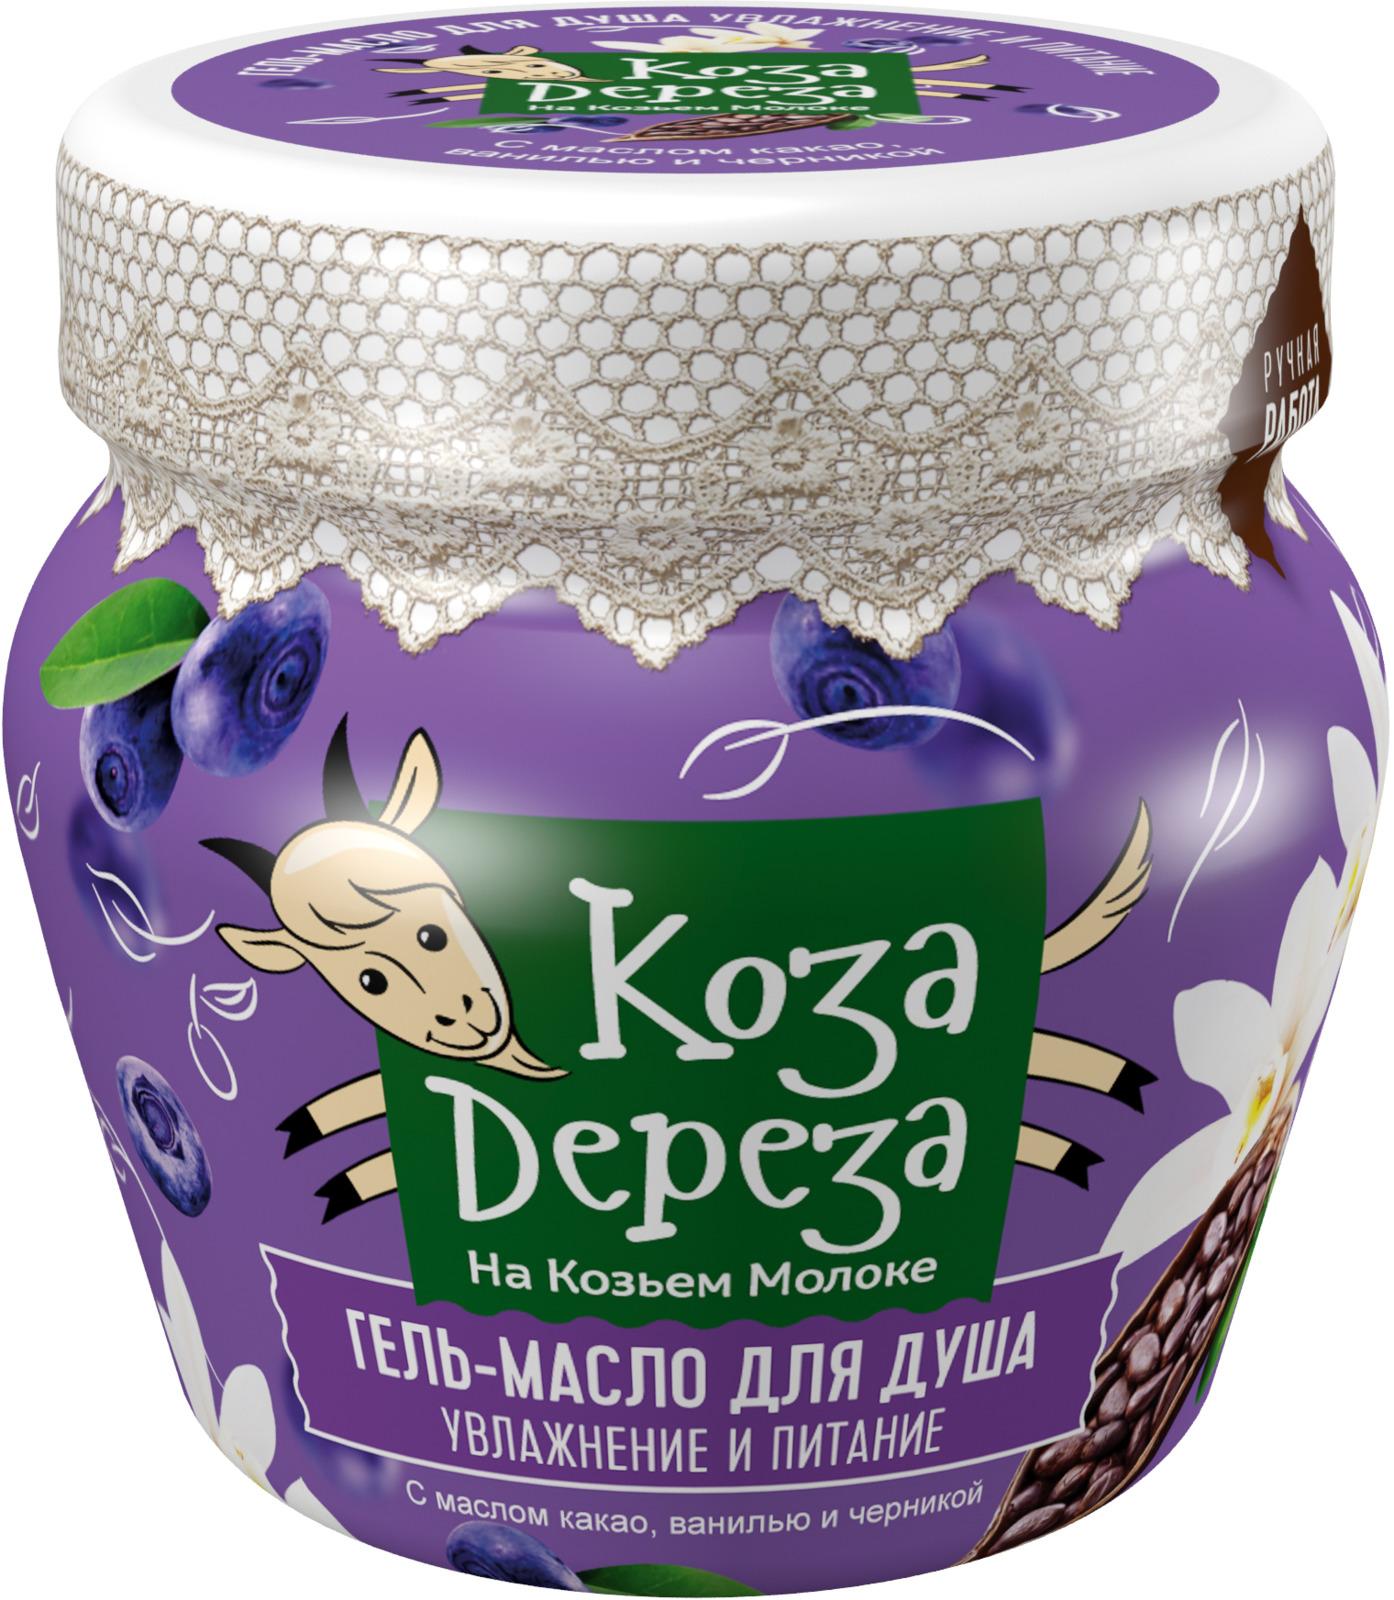 Гель-масло для душа Fito Косметик Коза Дереза. Увлажнение и питание, 175 мл густое масло для волос fito косметик коза дереза крапивное увлажняющее 175 мл